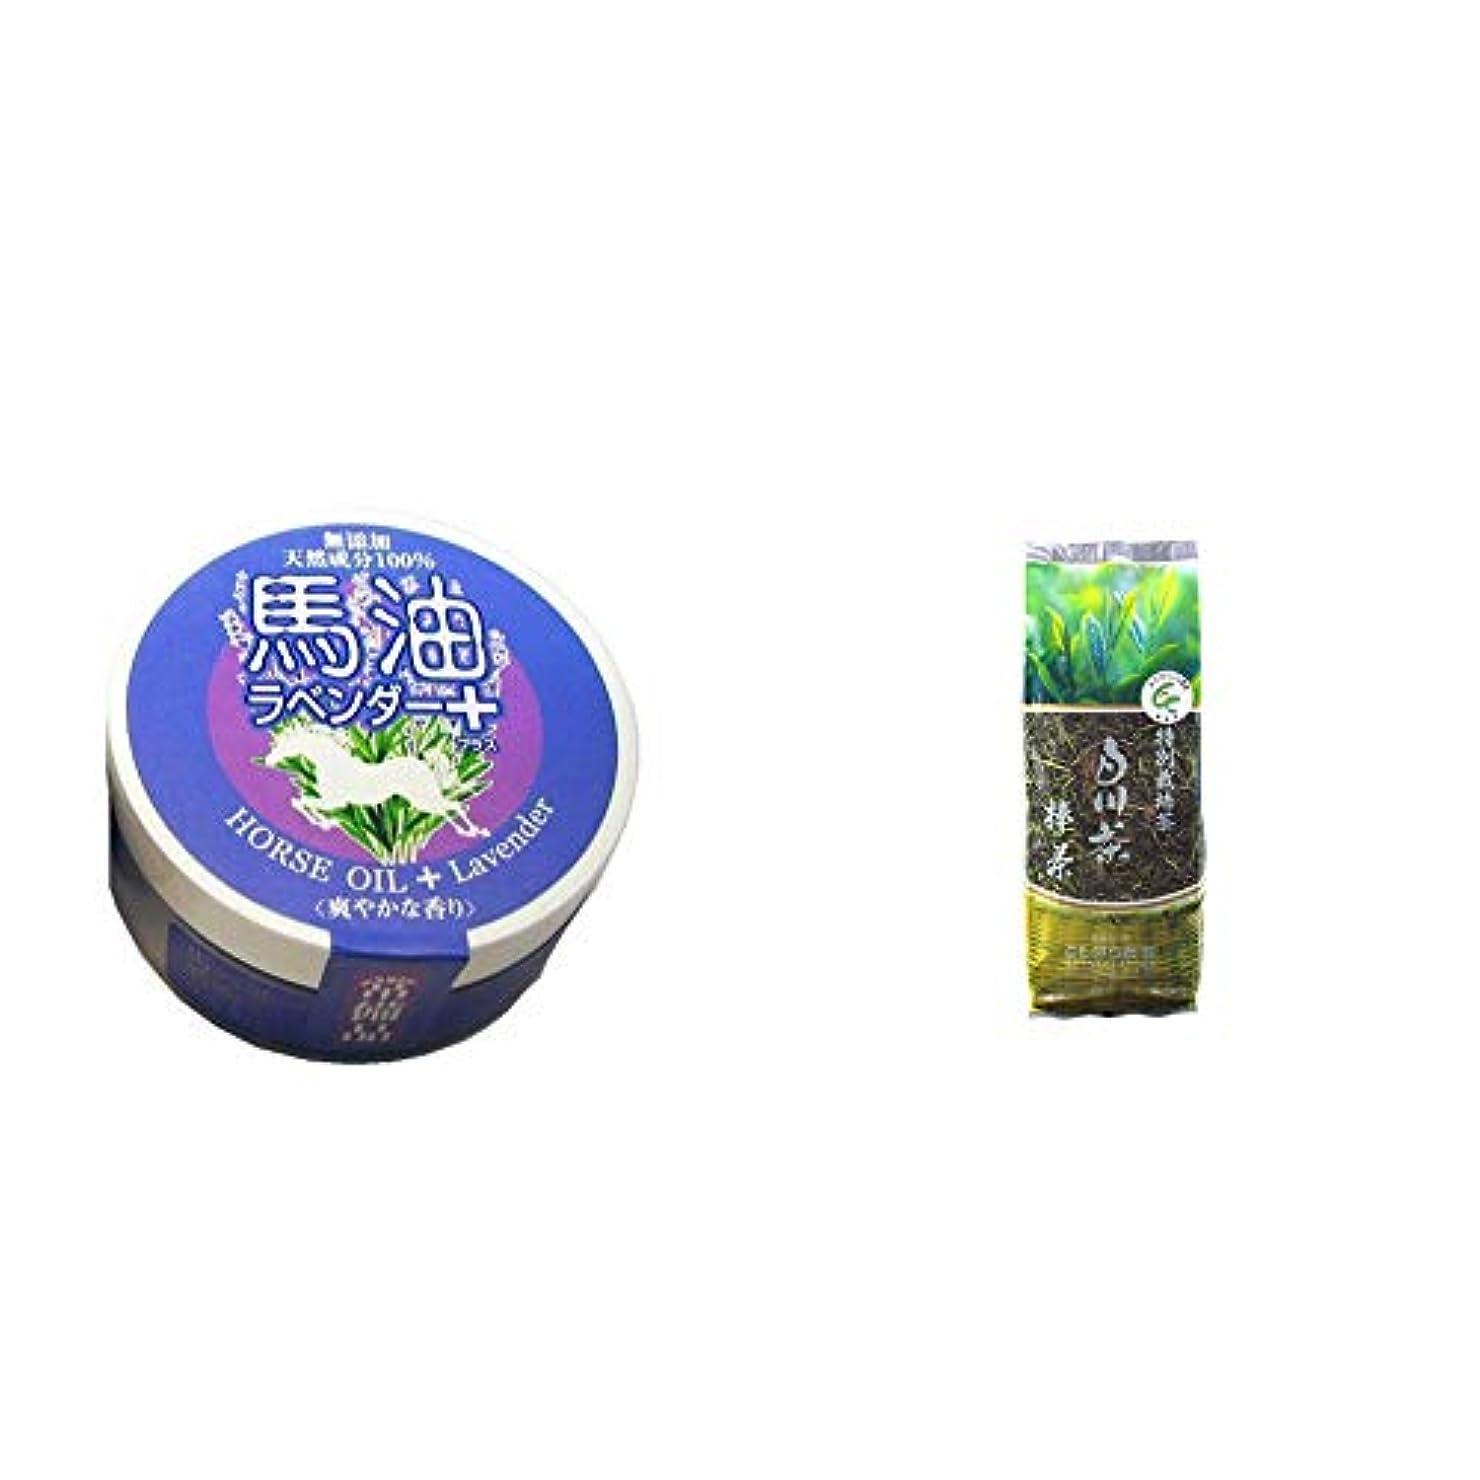 真鍮偏見胆嚢[2点セット] 無添加天然成分100% 馬油[ラベンダー](38g)?白川茶 特別栽培茶【棒茶】(150g)